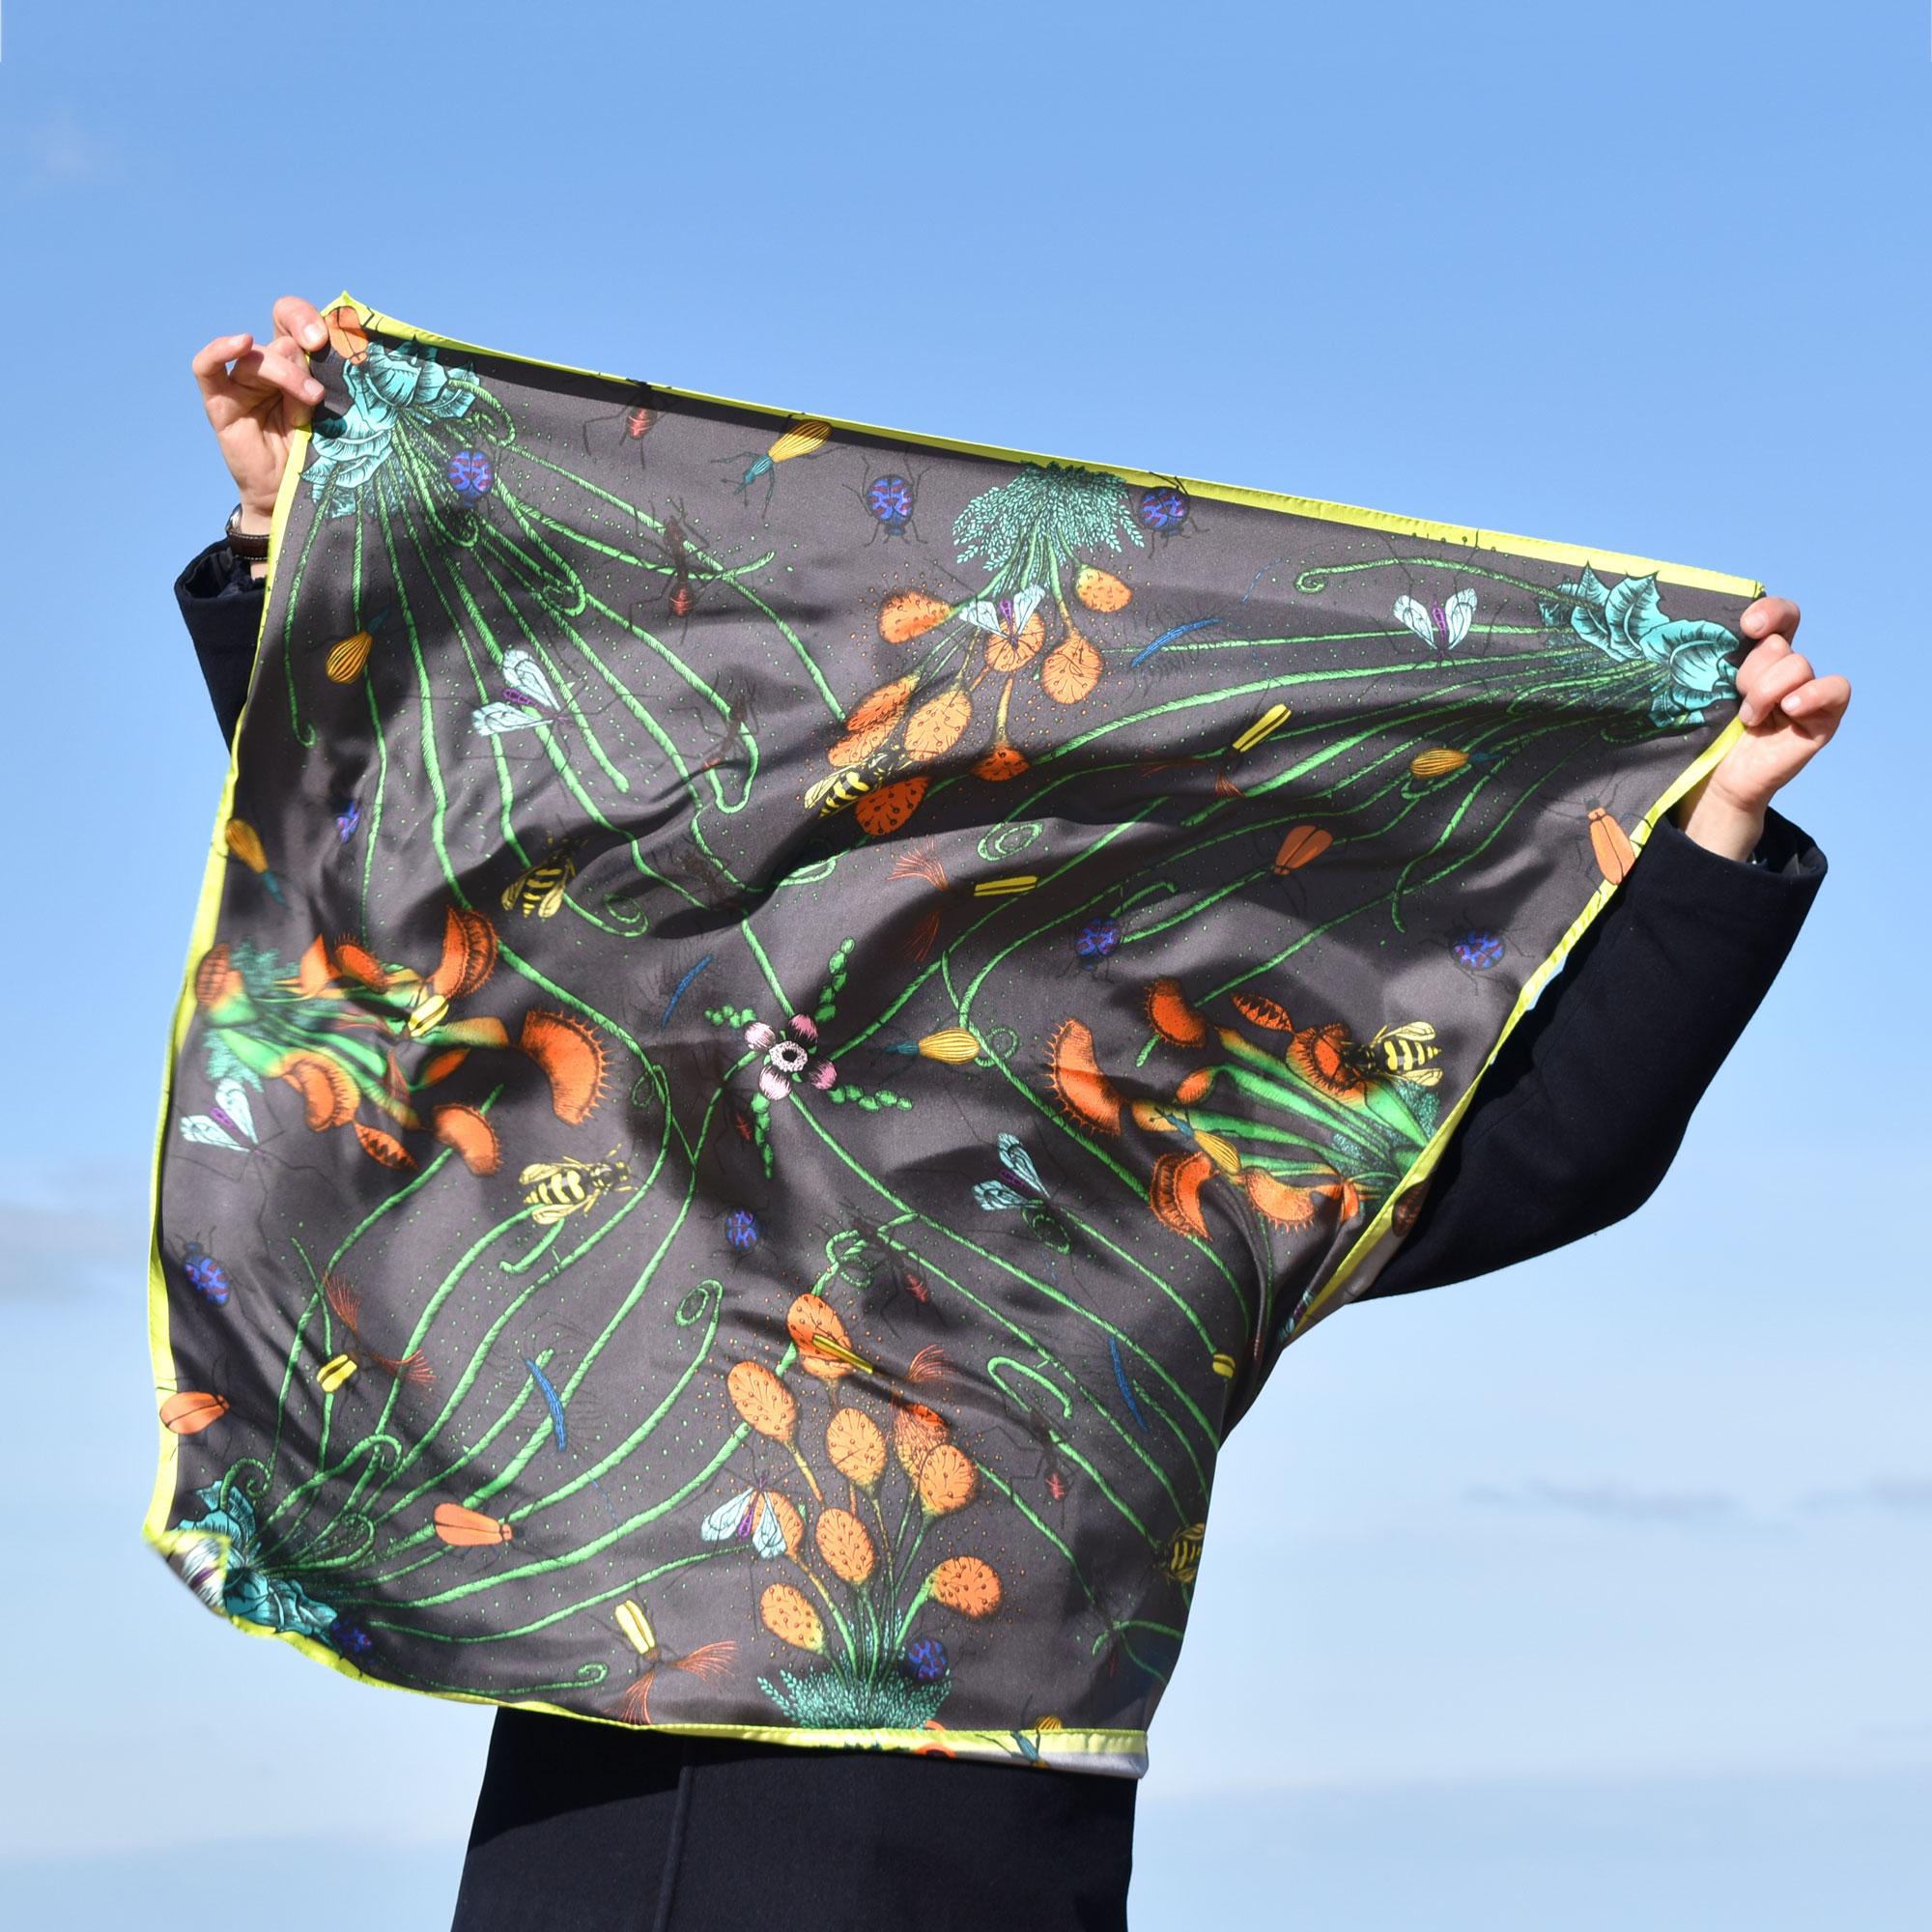 Homme caché par un grand foulard gris qu'il tient devant lui, par grand vent